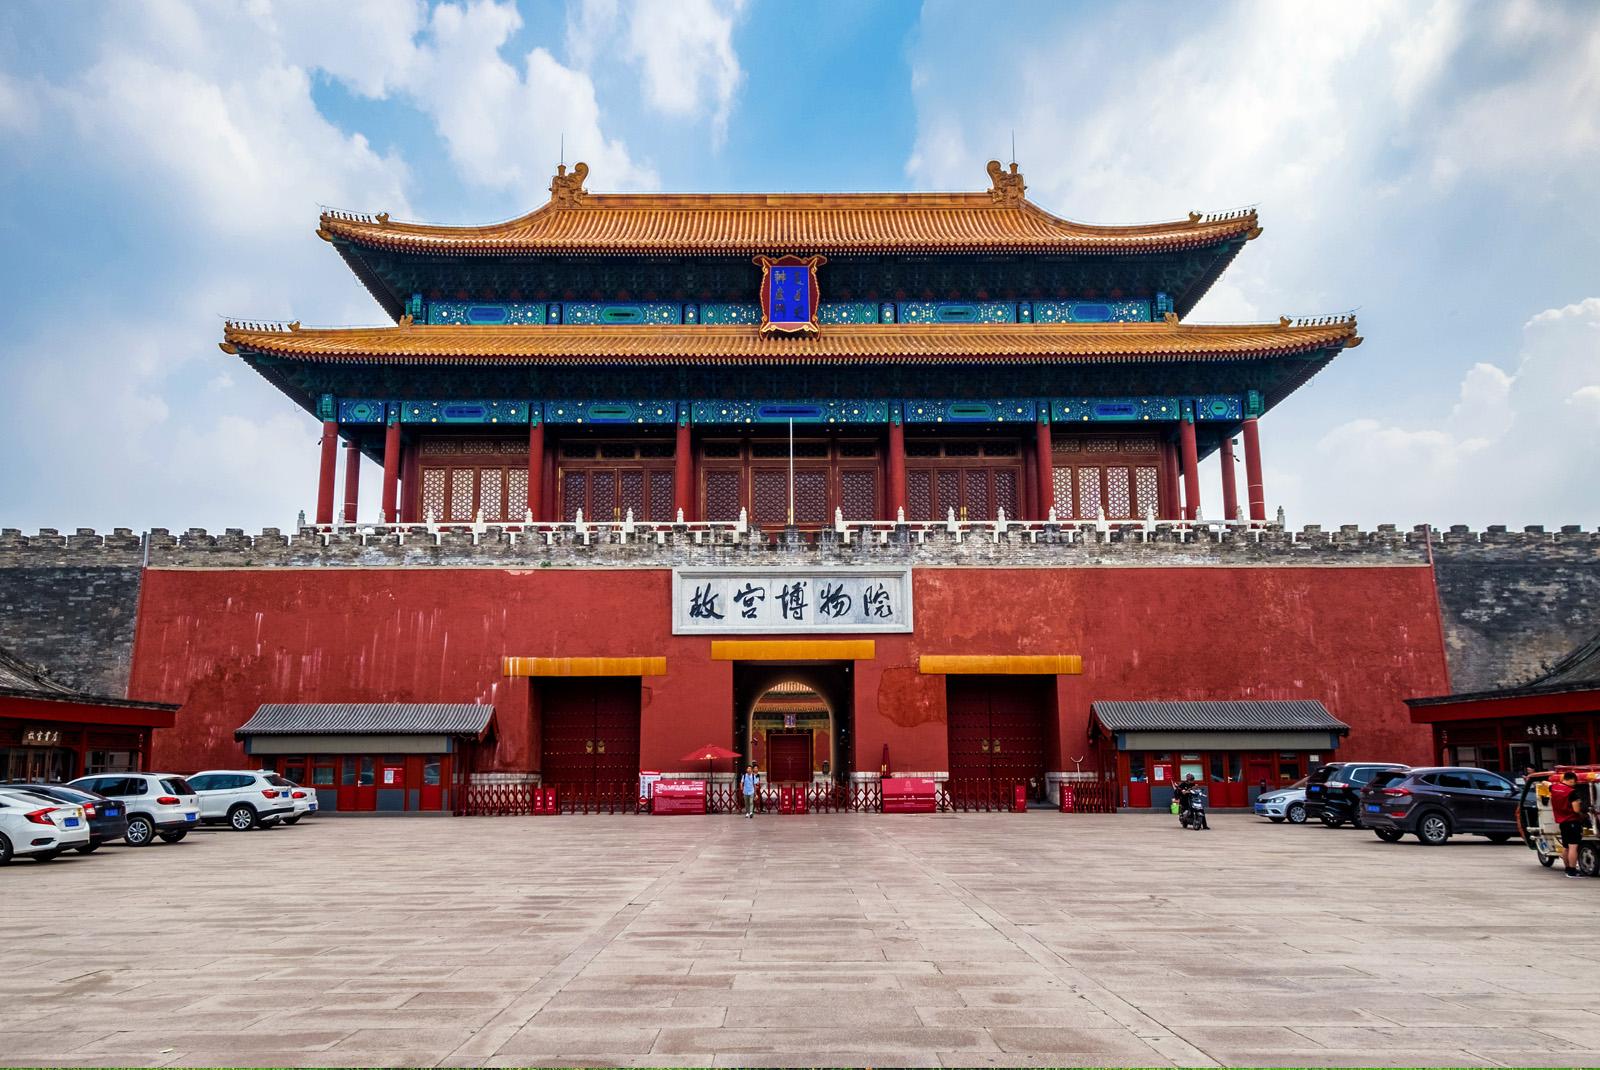 故宫博物院大门高清图